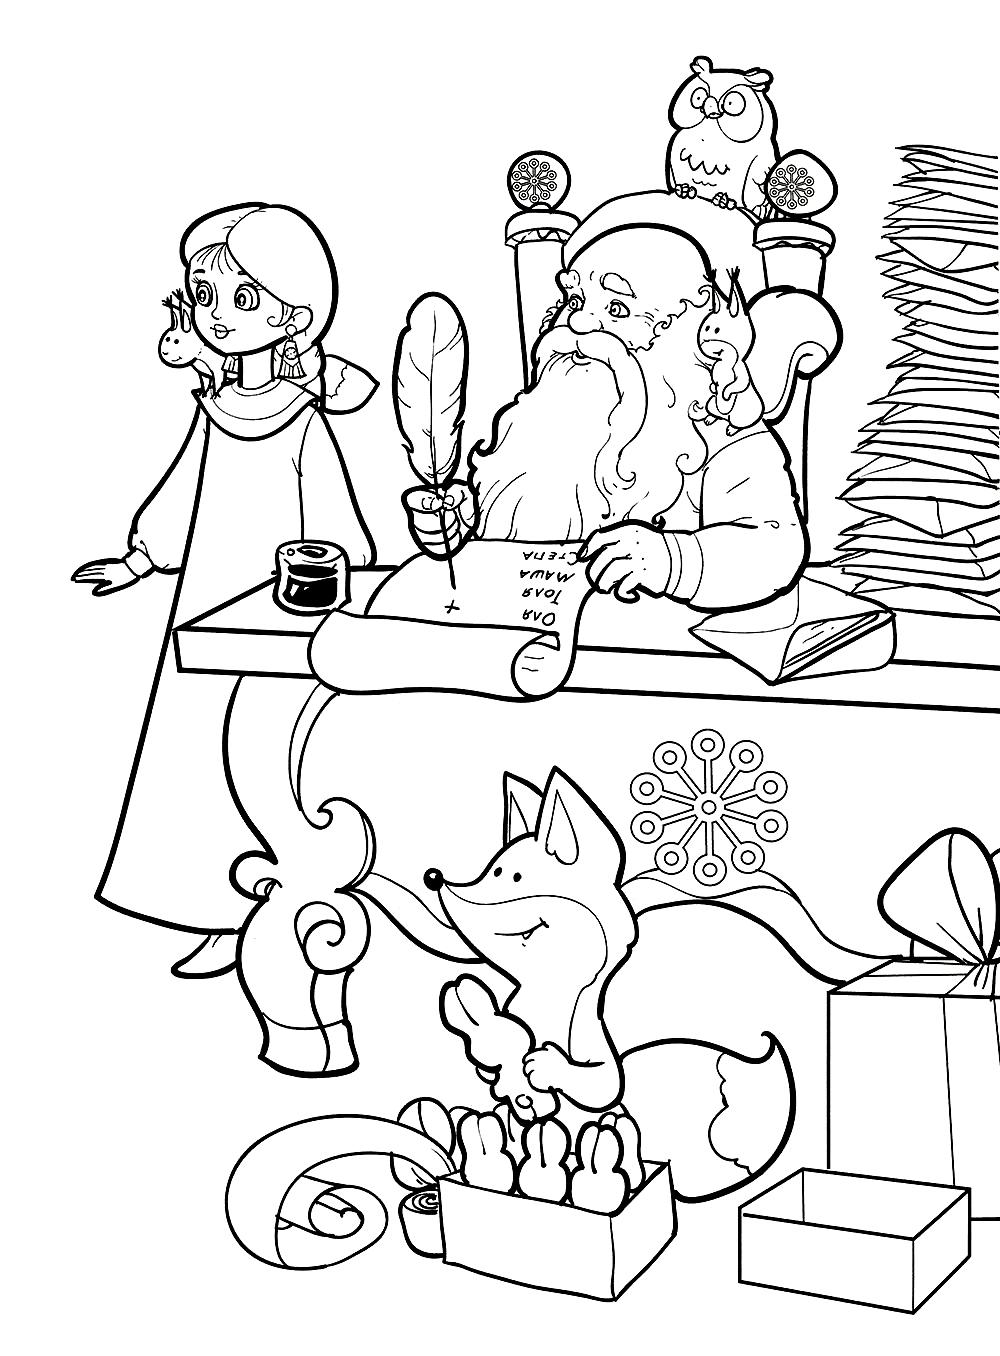 Раскраска Санта Клаус пишет список